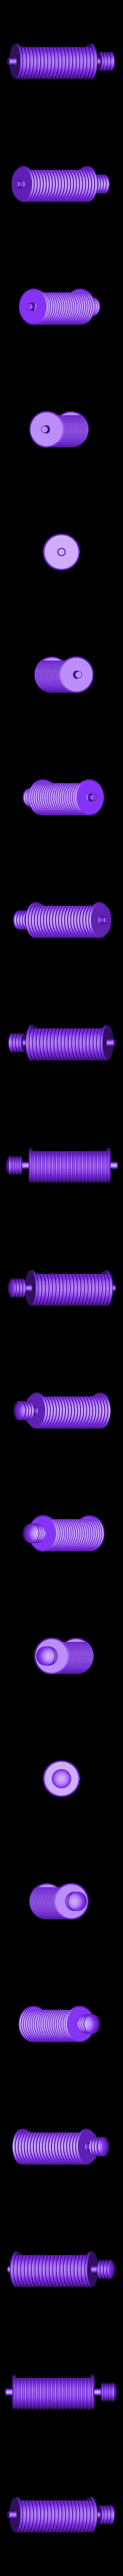 Tampon Dispenser V5 - Roller.STL Télécharger fichier STL gratuit Distributeur de tampons • Modèle pour imprimante 3D, StudioRaket